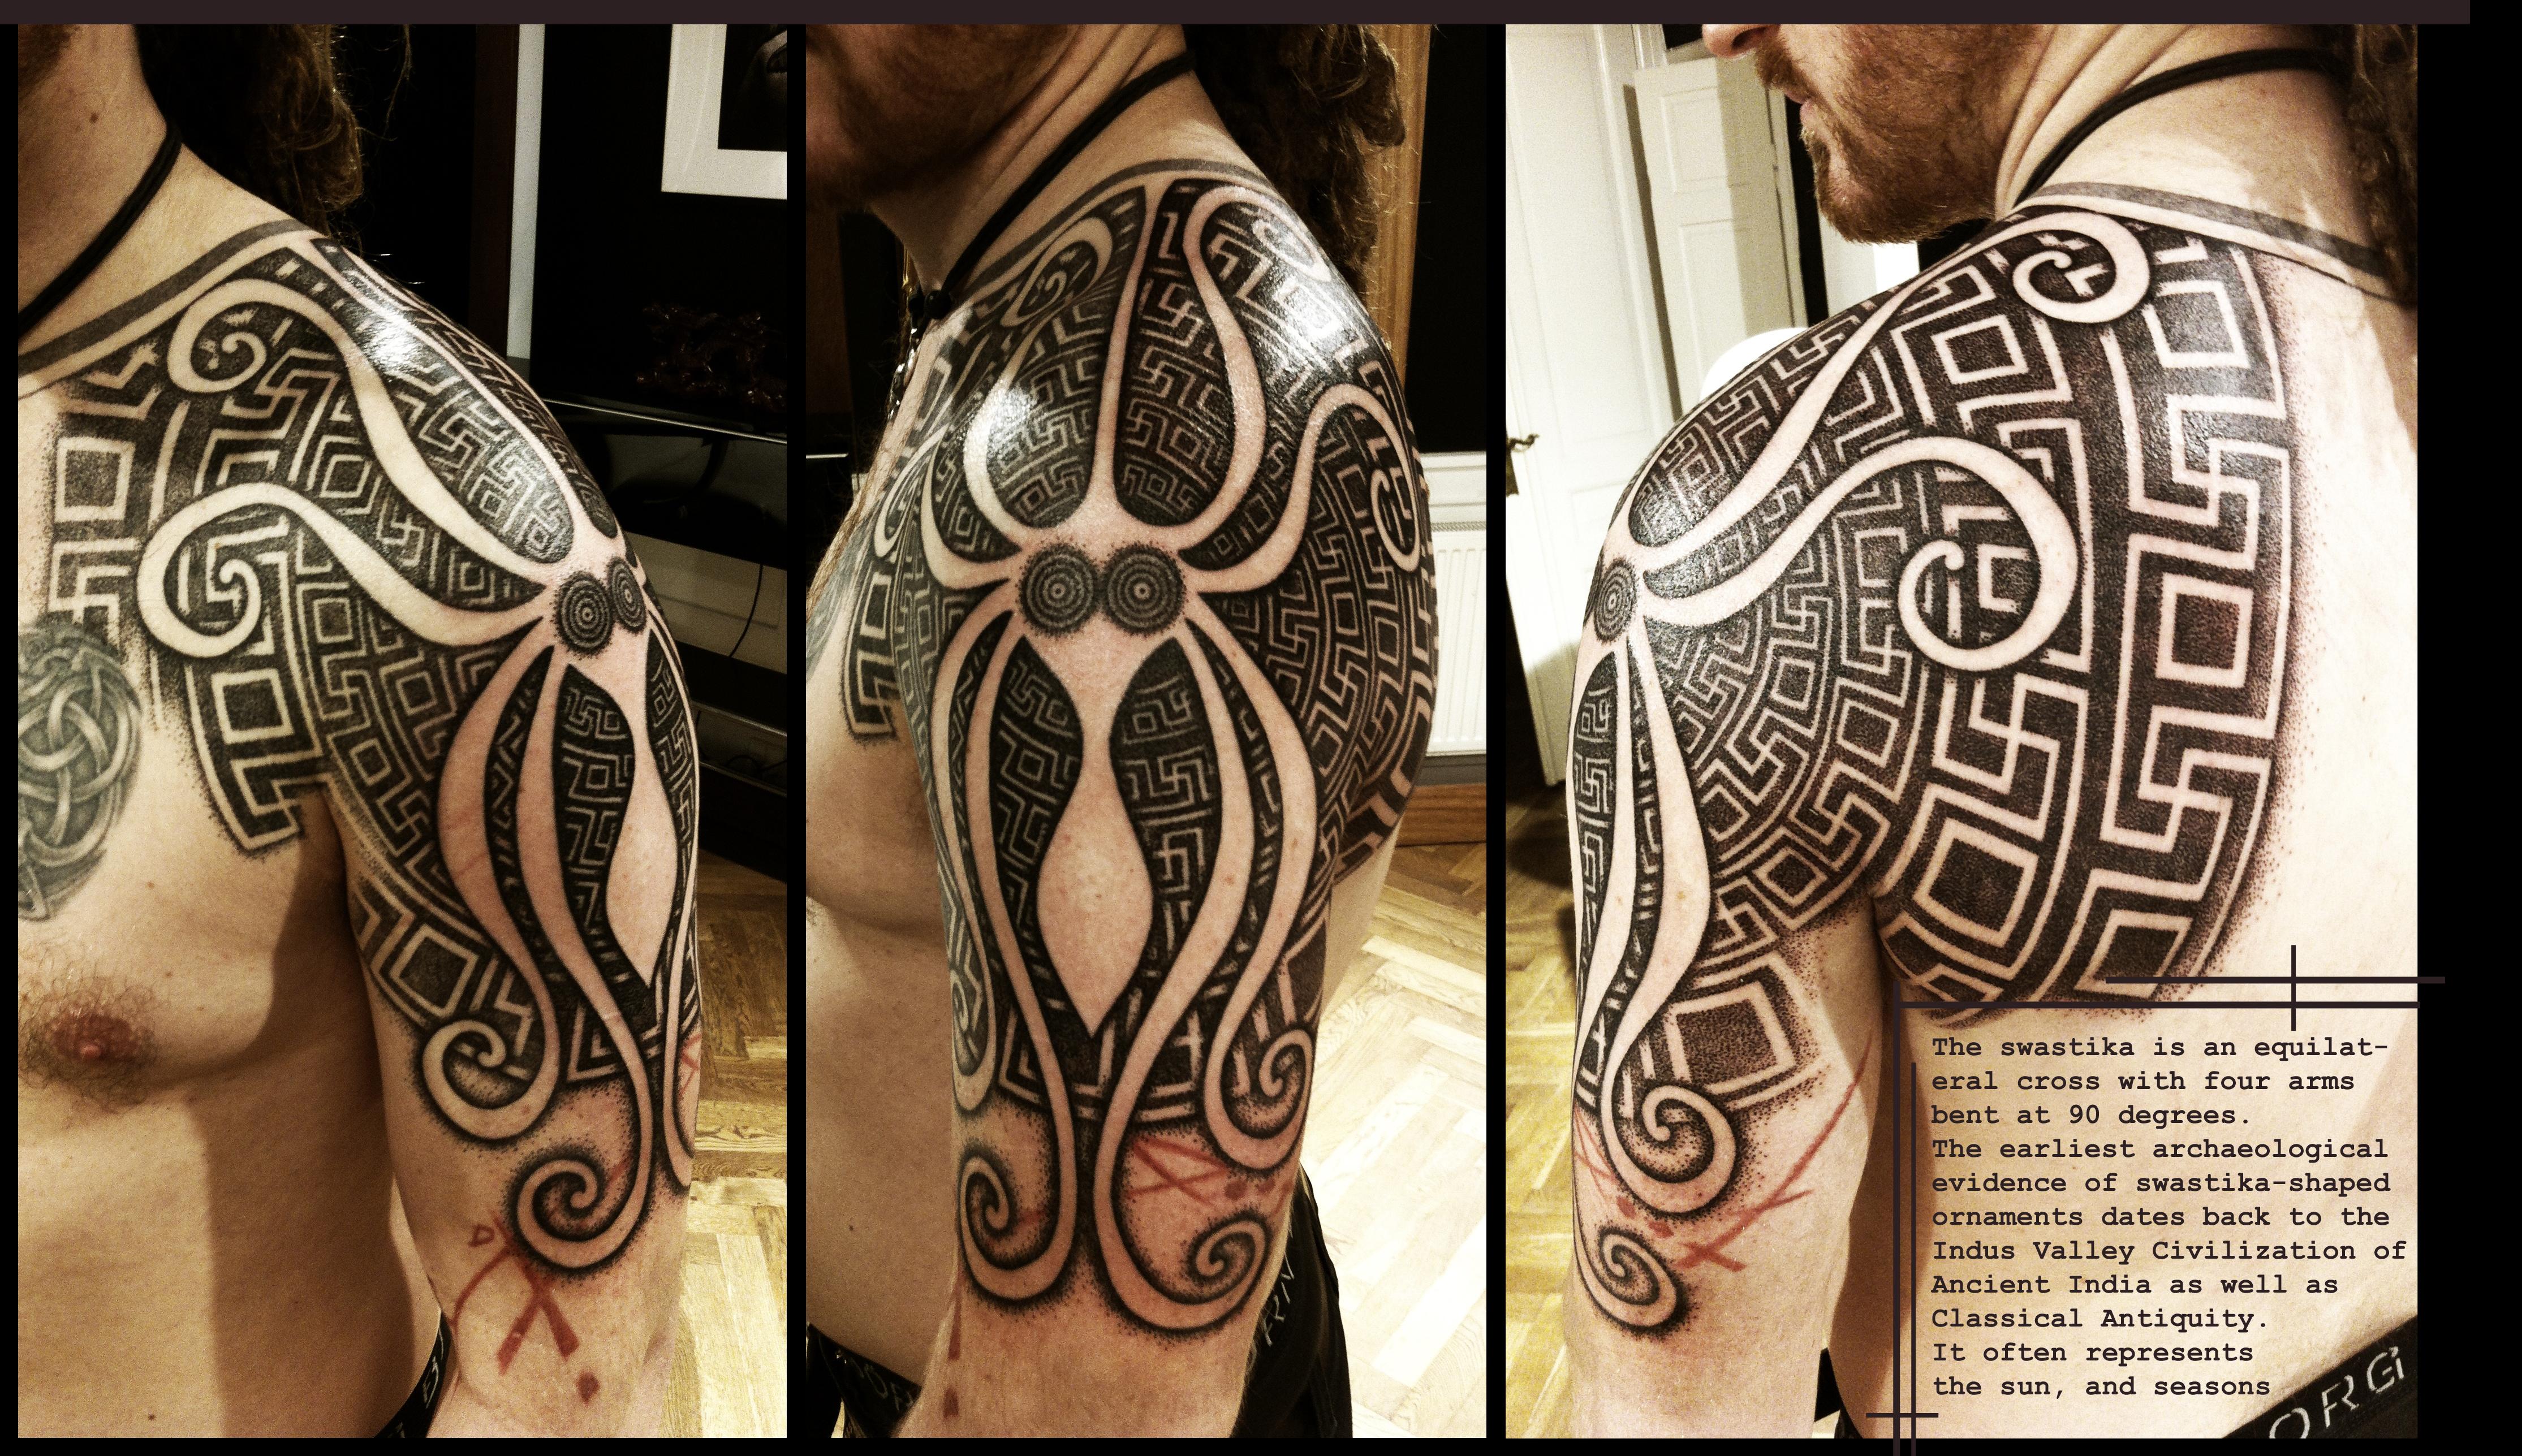 Greek Swastika shoulderpiece by Meatshop-Tattoo